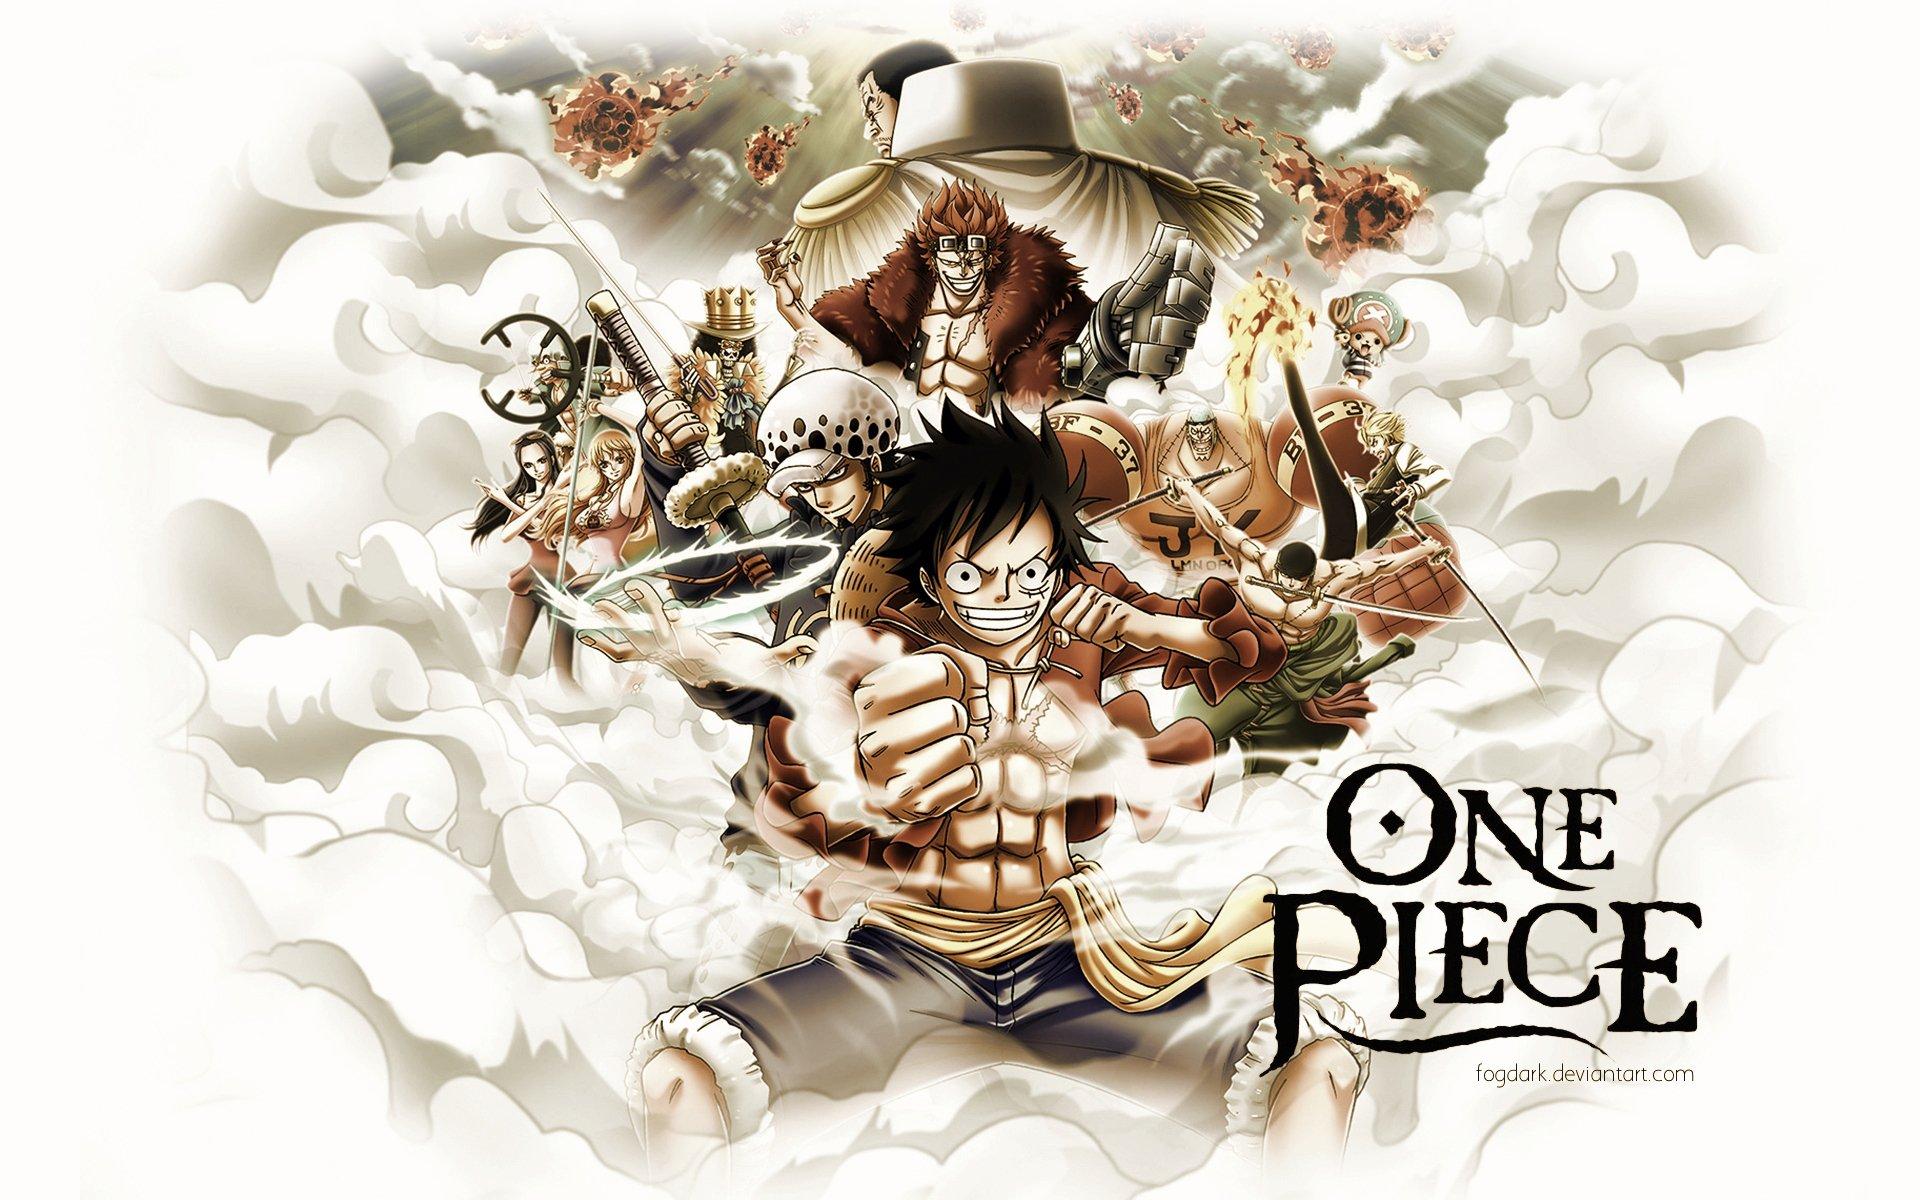 One Piece Full HD Fond d'écran and Arrière-plan ...